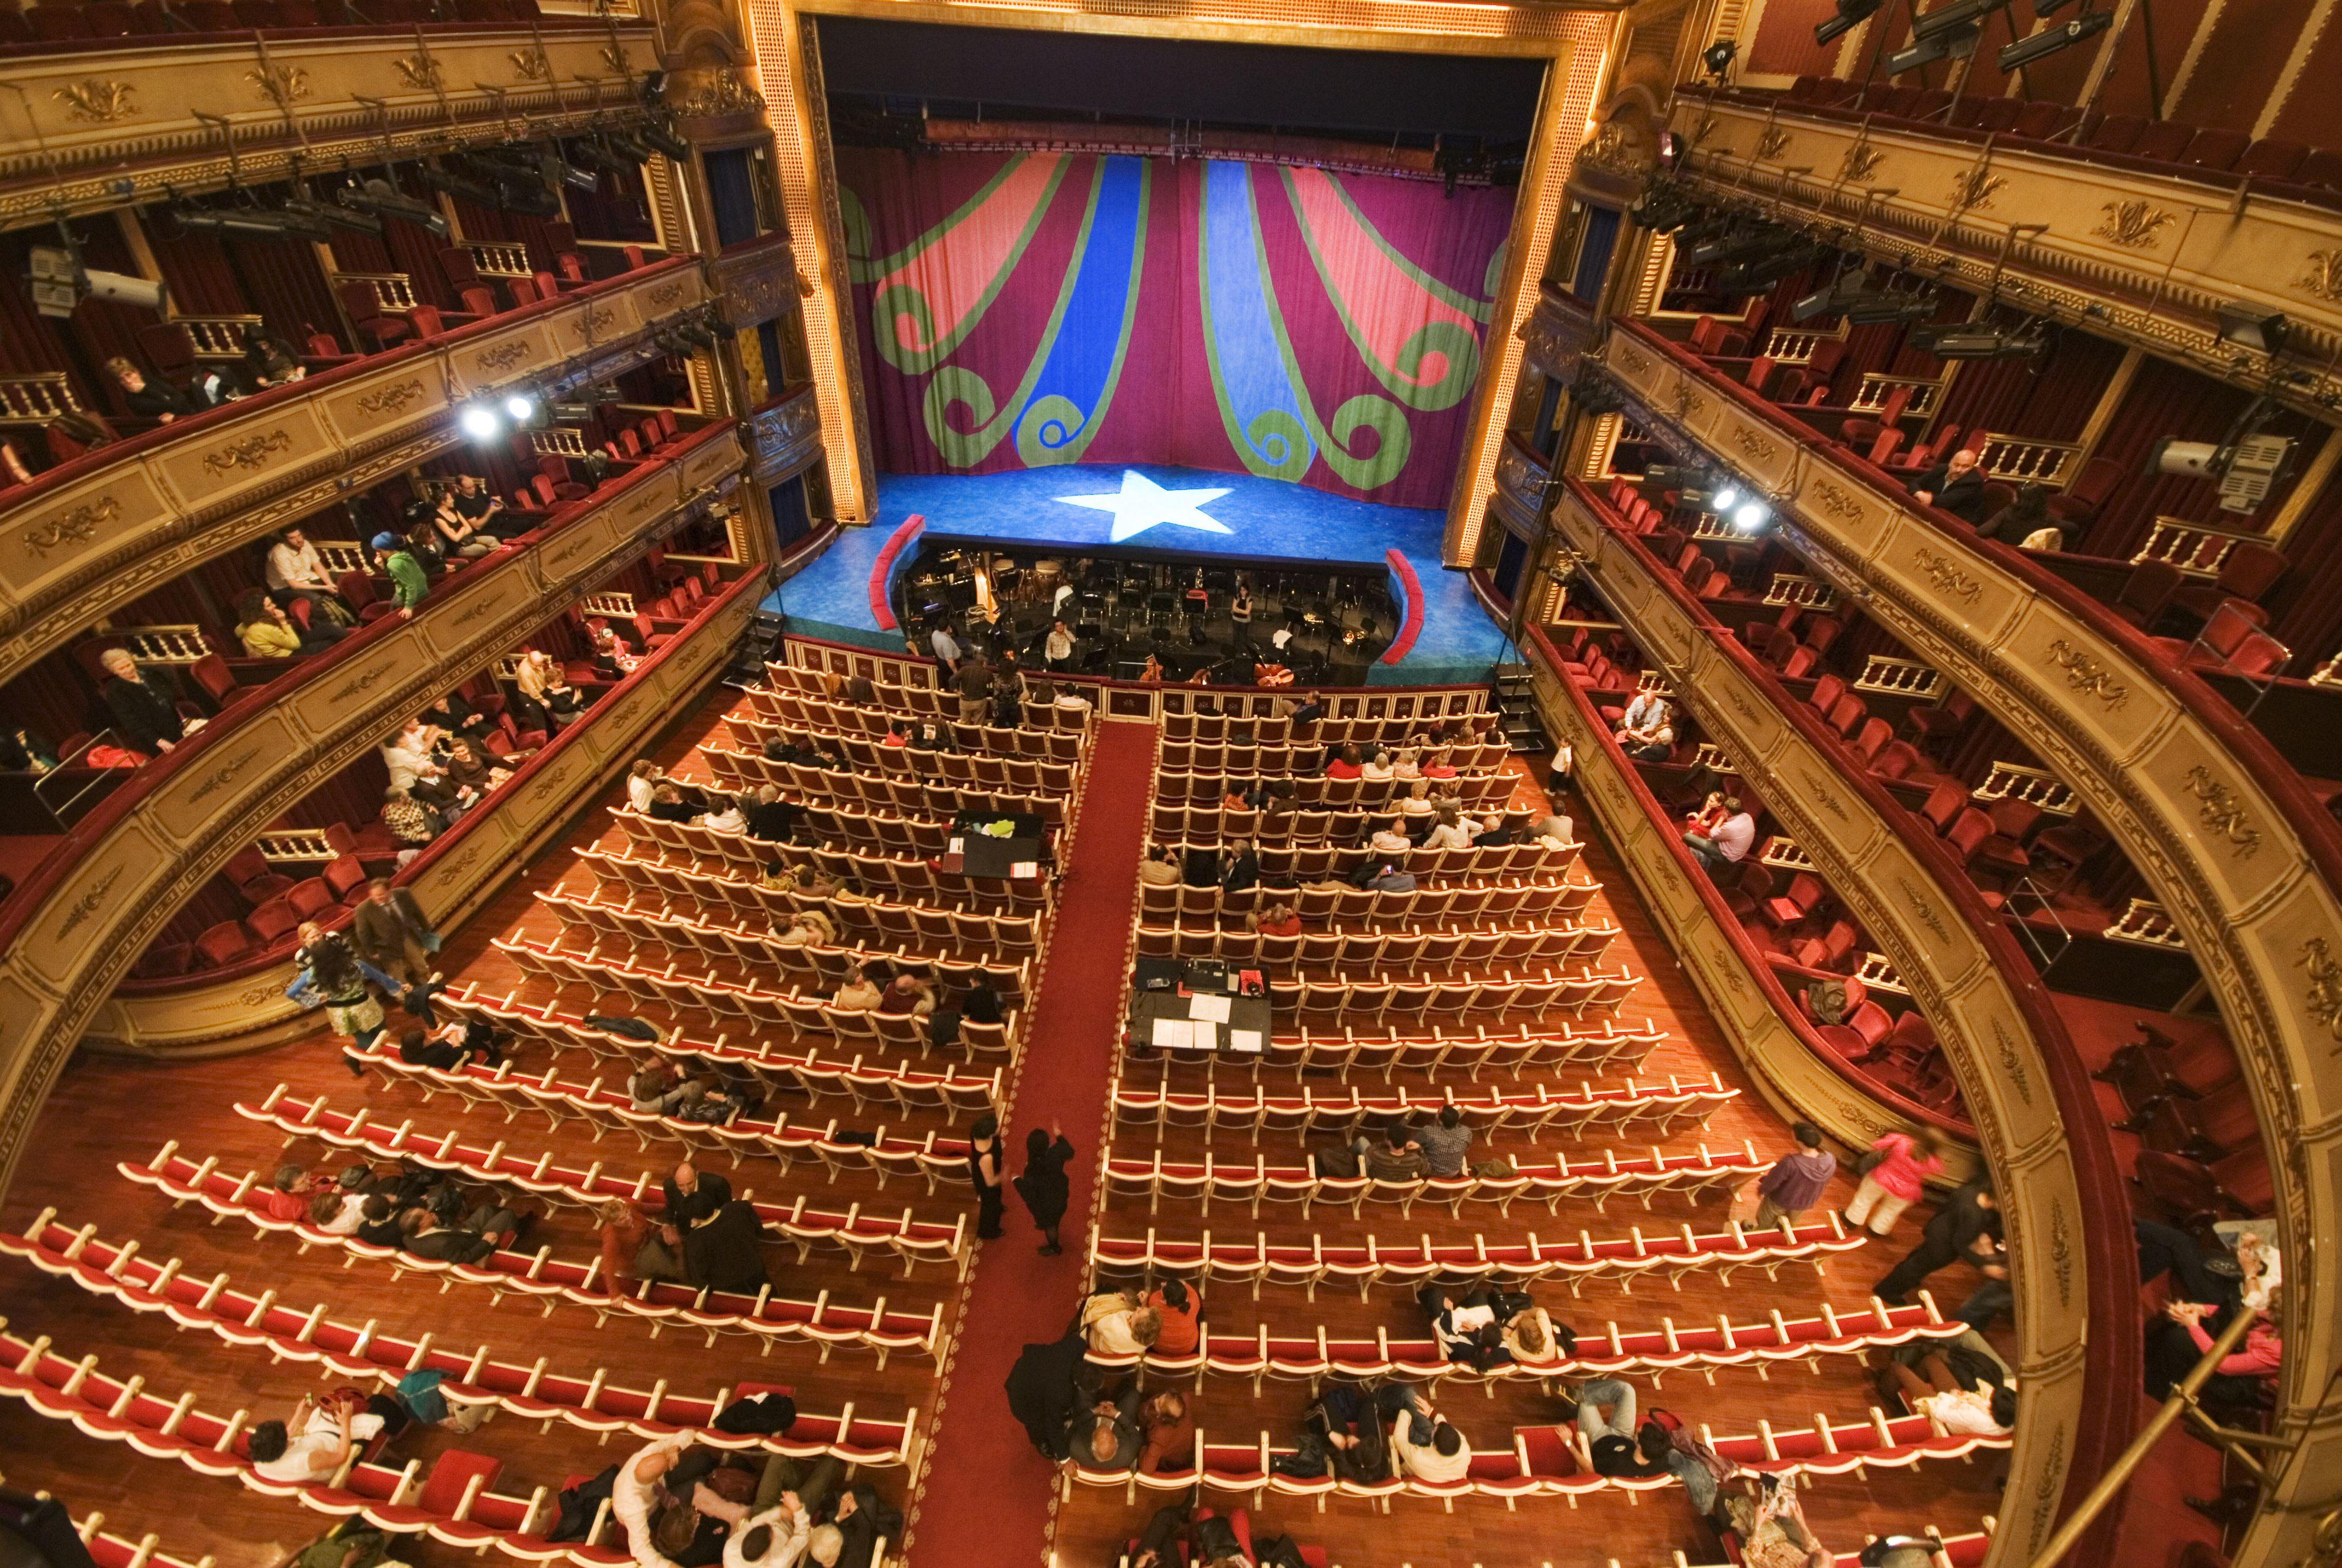 Teatro De La Zarzuela Madrid Spain Entertainment